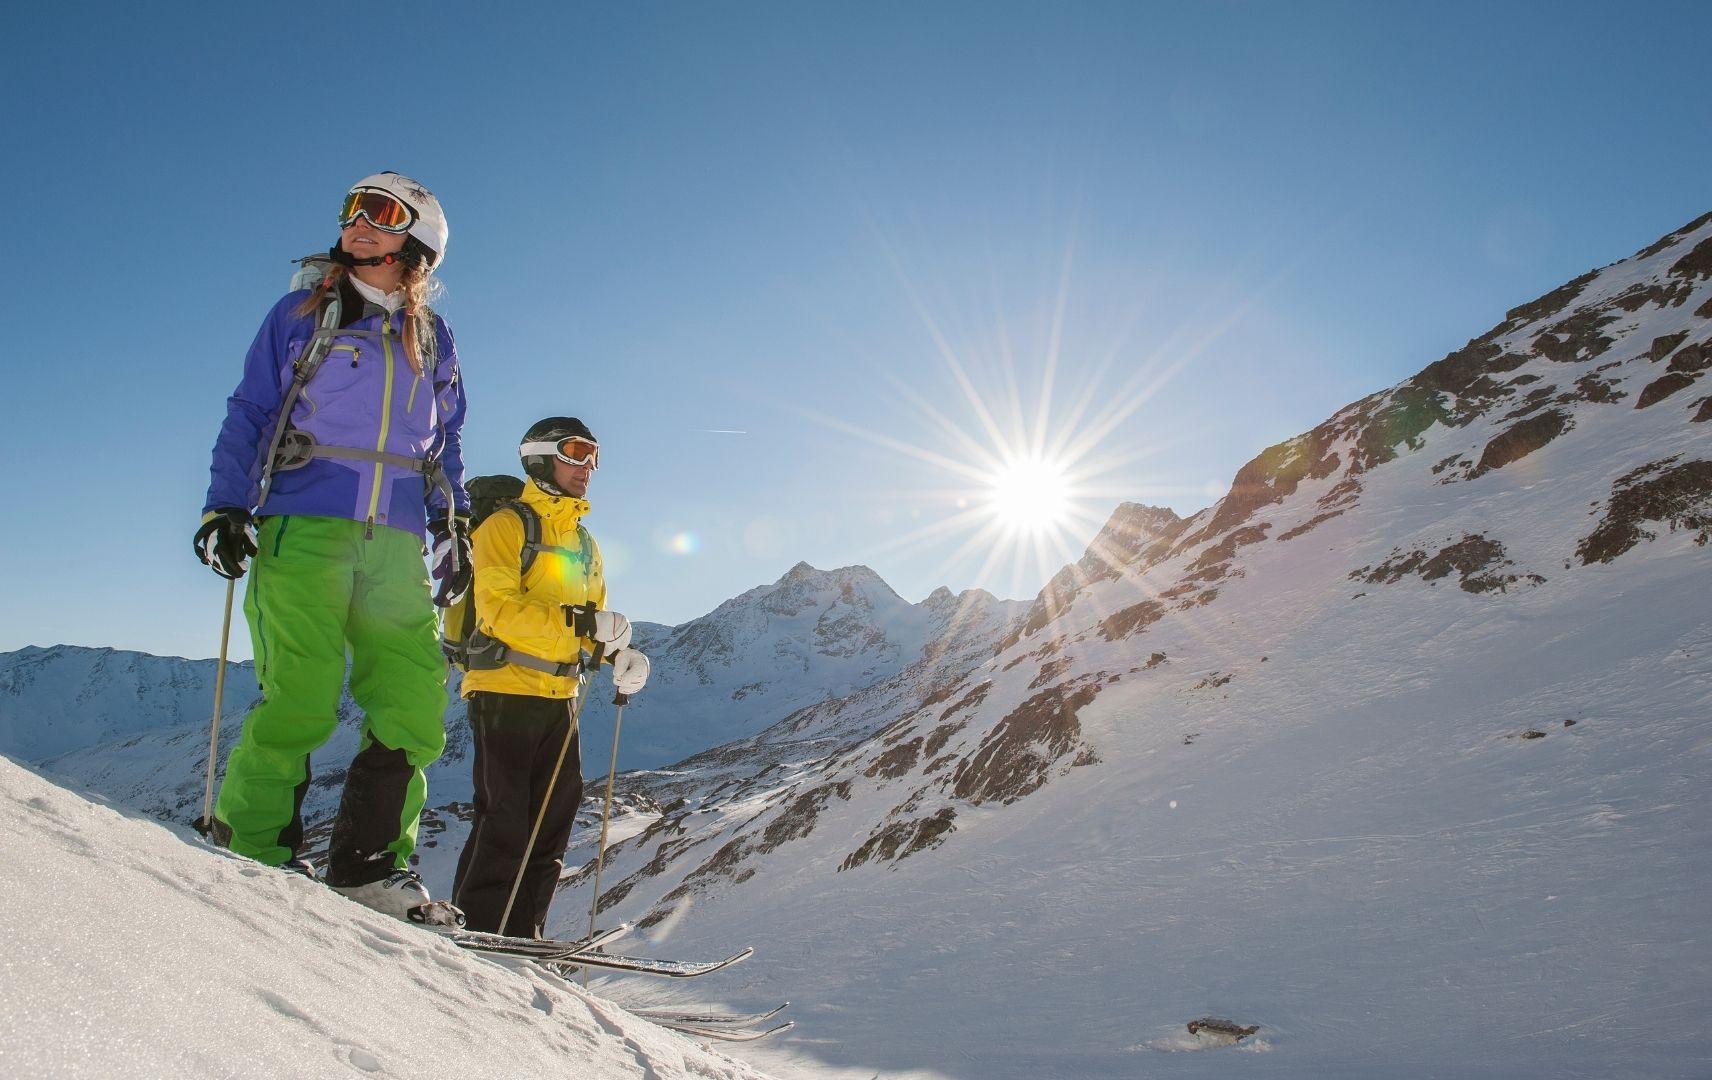 Mann und Frau mit Ski Ausrüstung auf Berg mit Schnee